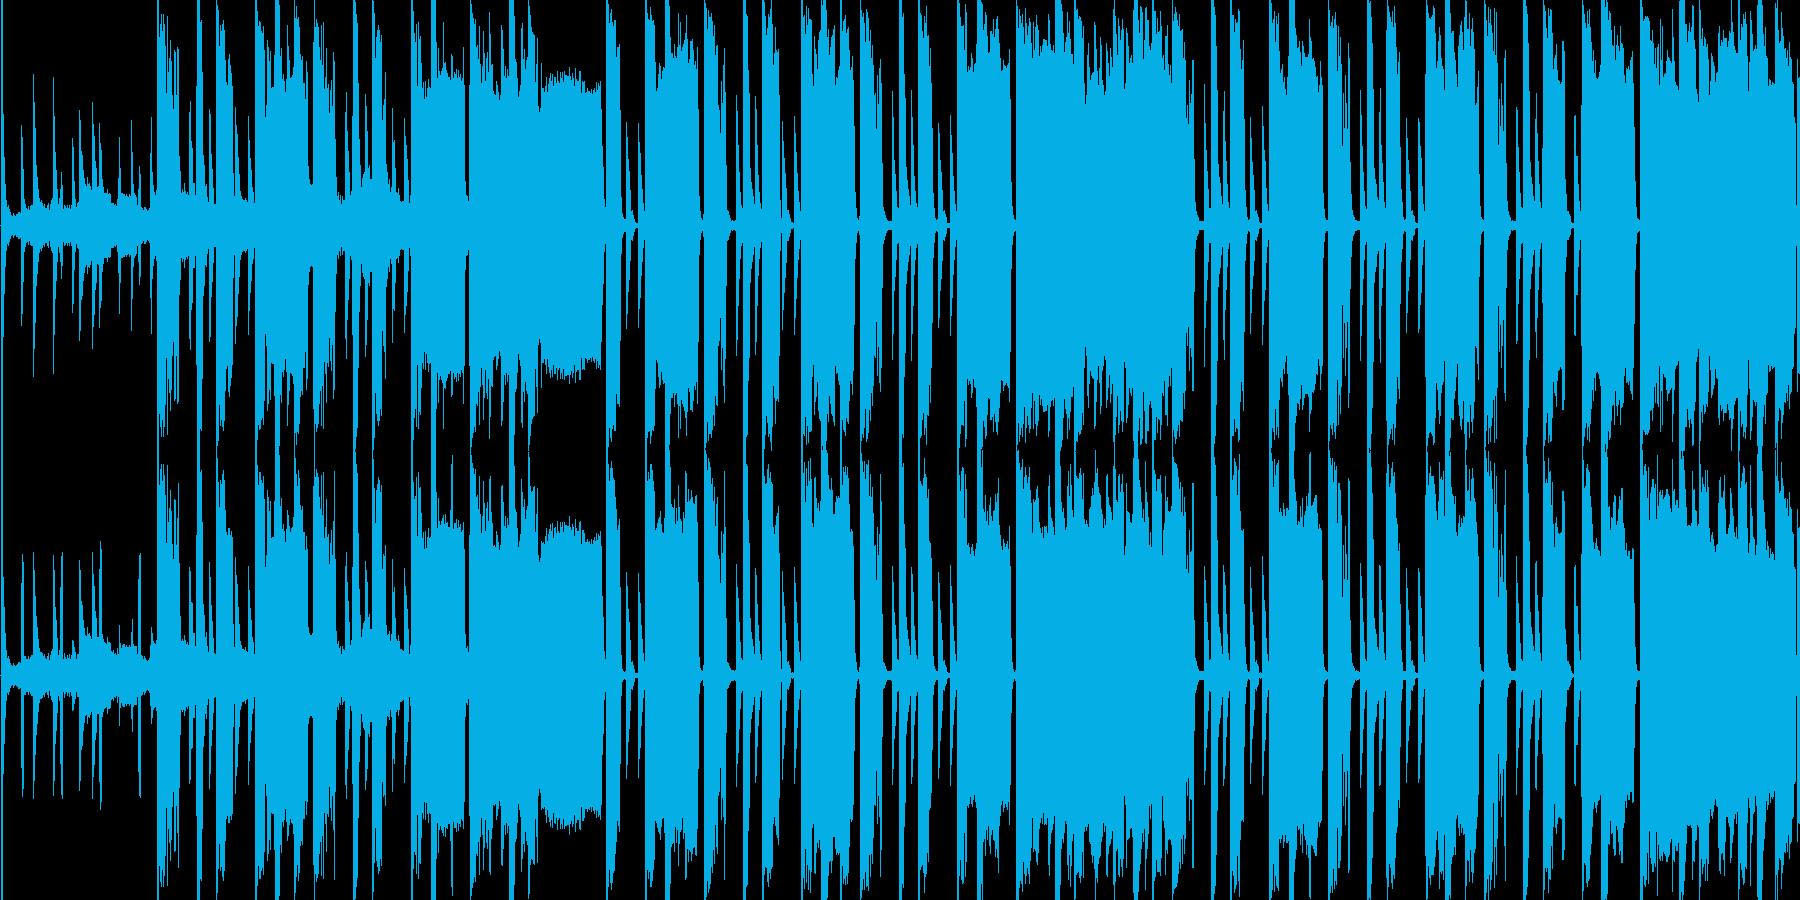 おしゃれな感じのヒップホップの再生済みの波形